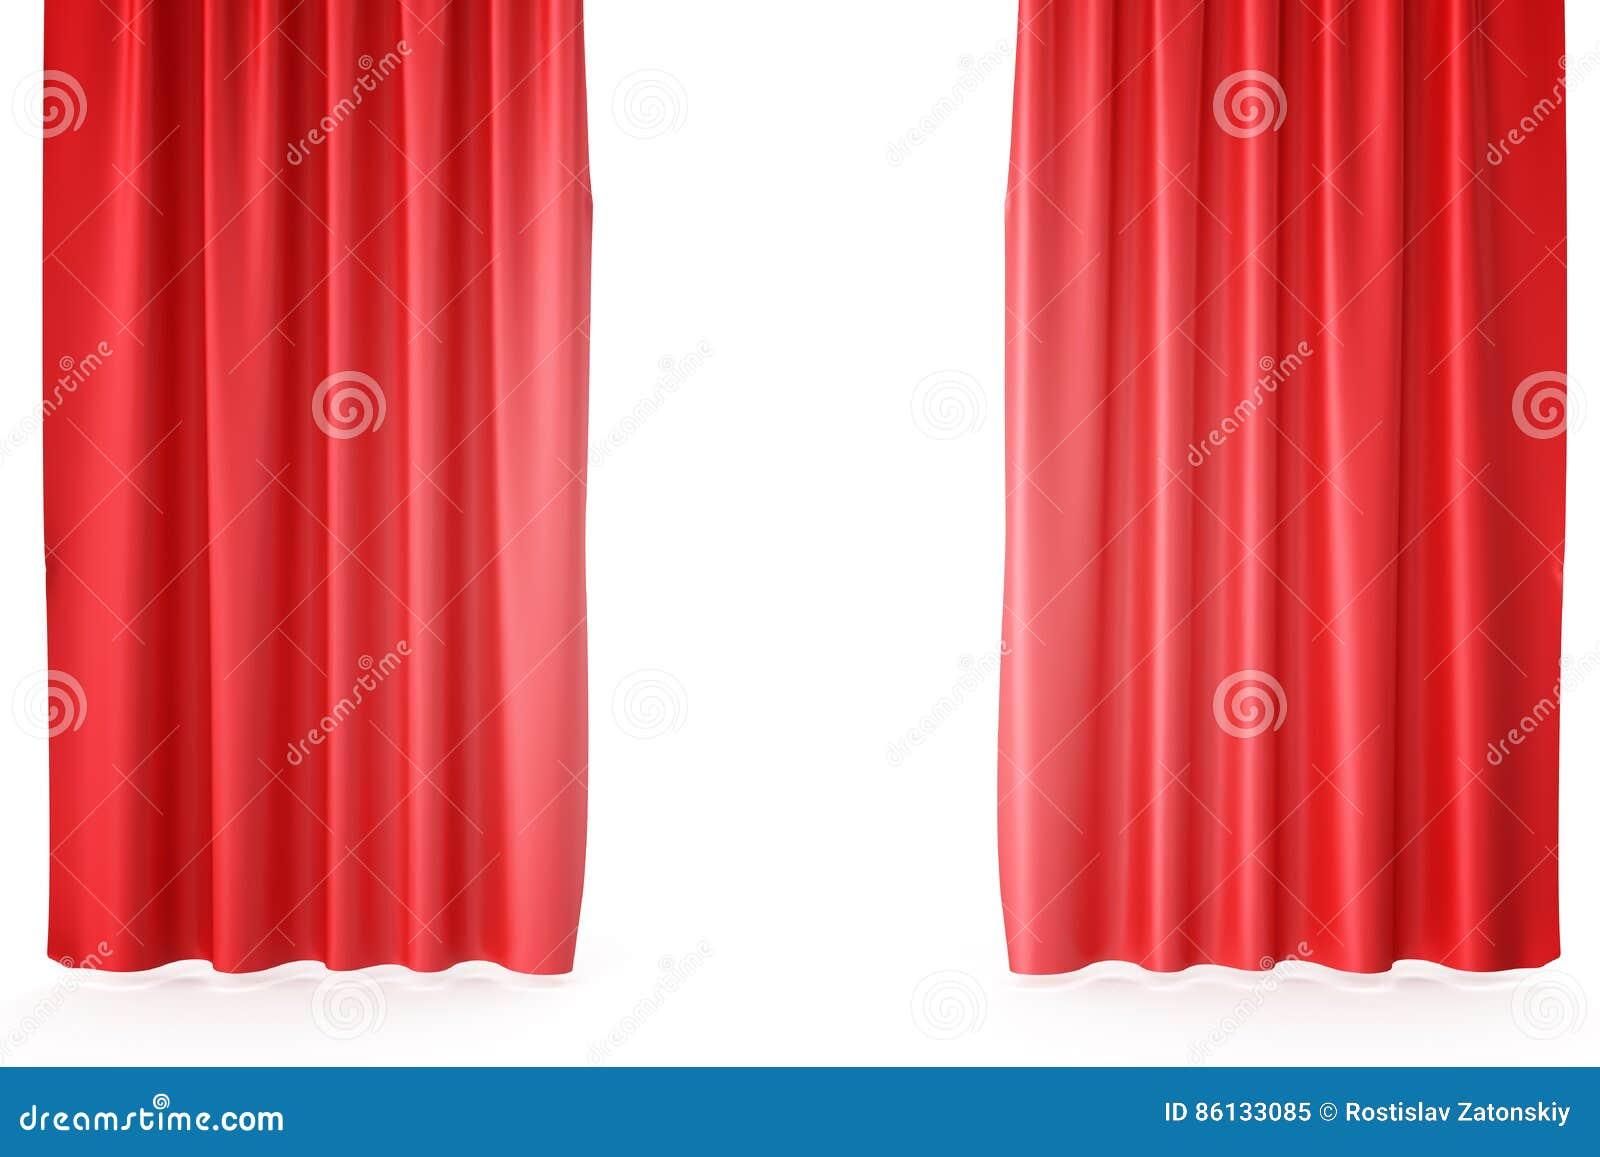 Tende In Velluto Di Seta tende rosse della fase del velluto, color scarlatto dei